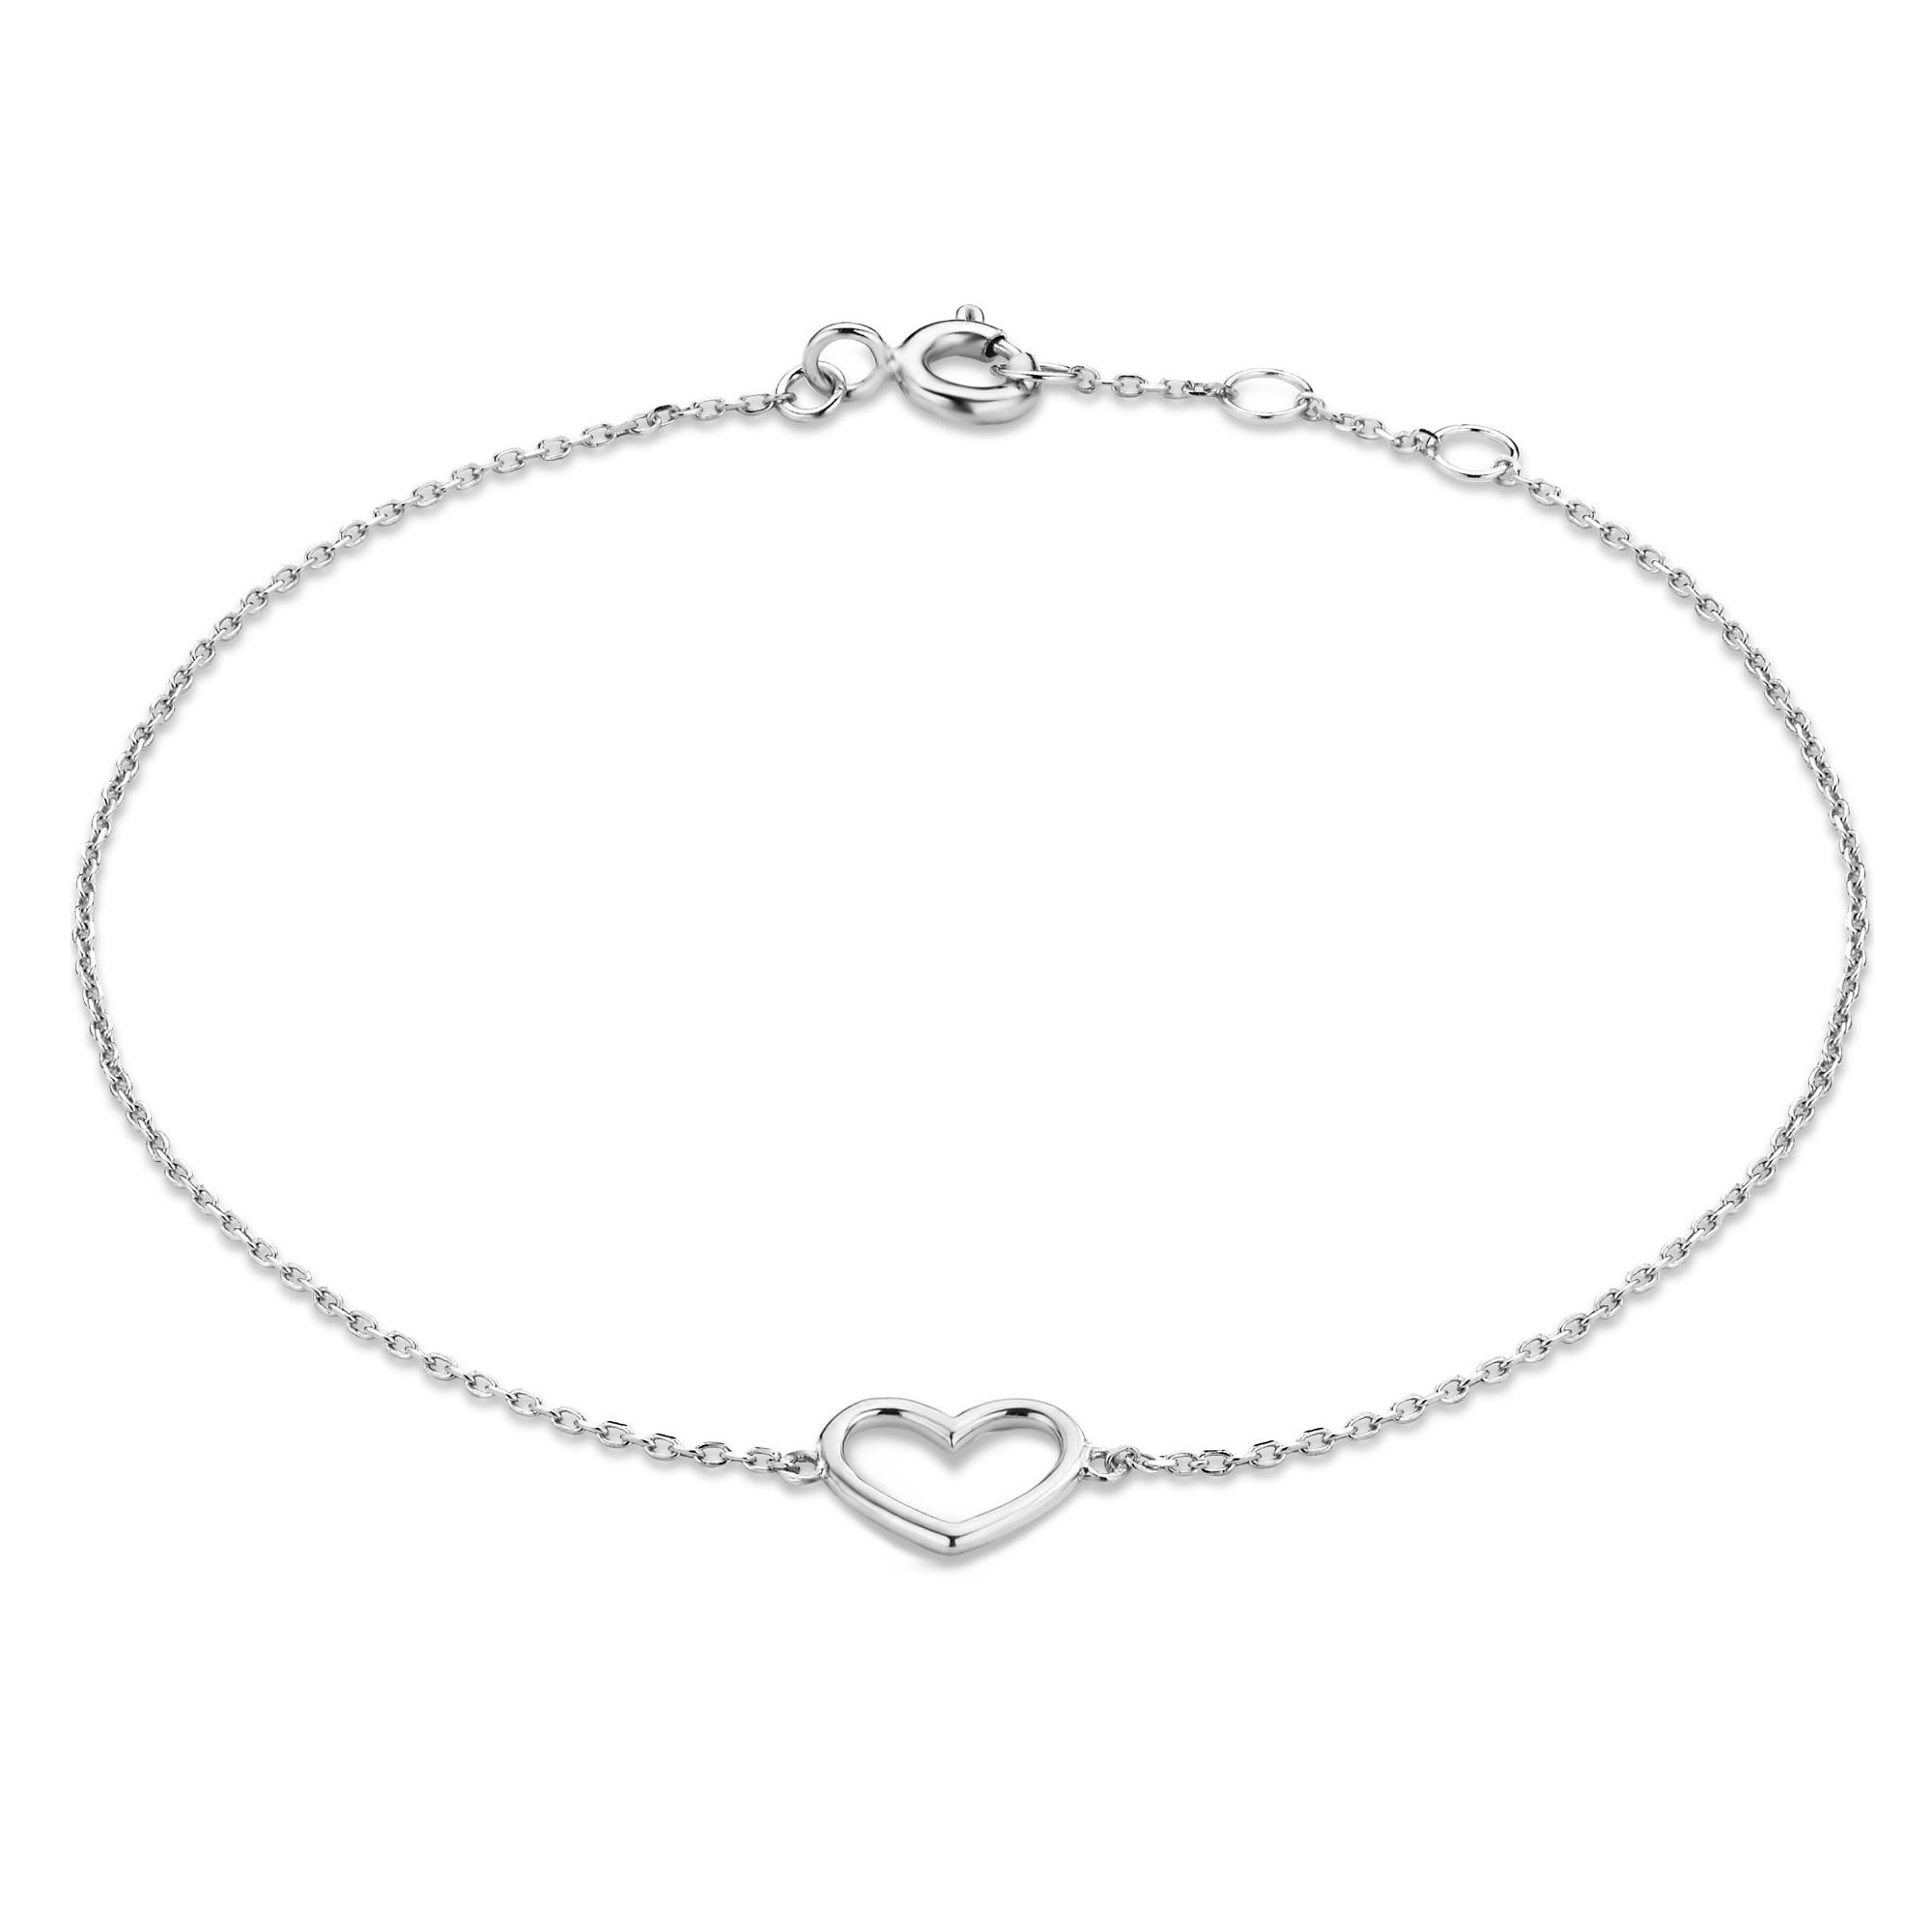 Isabel Bernard Saint Germain Alix 585er Weißgold Armband mit Herz